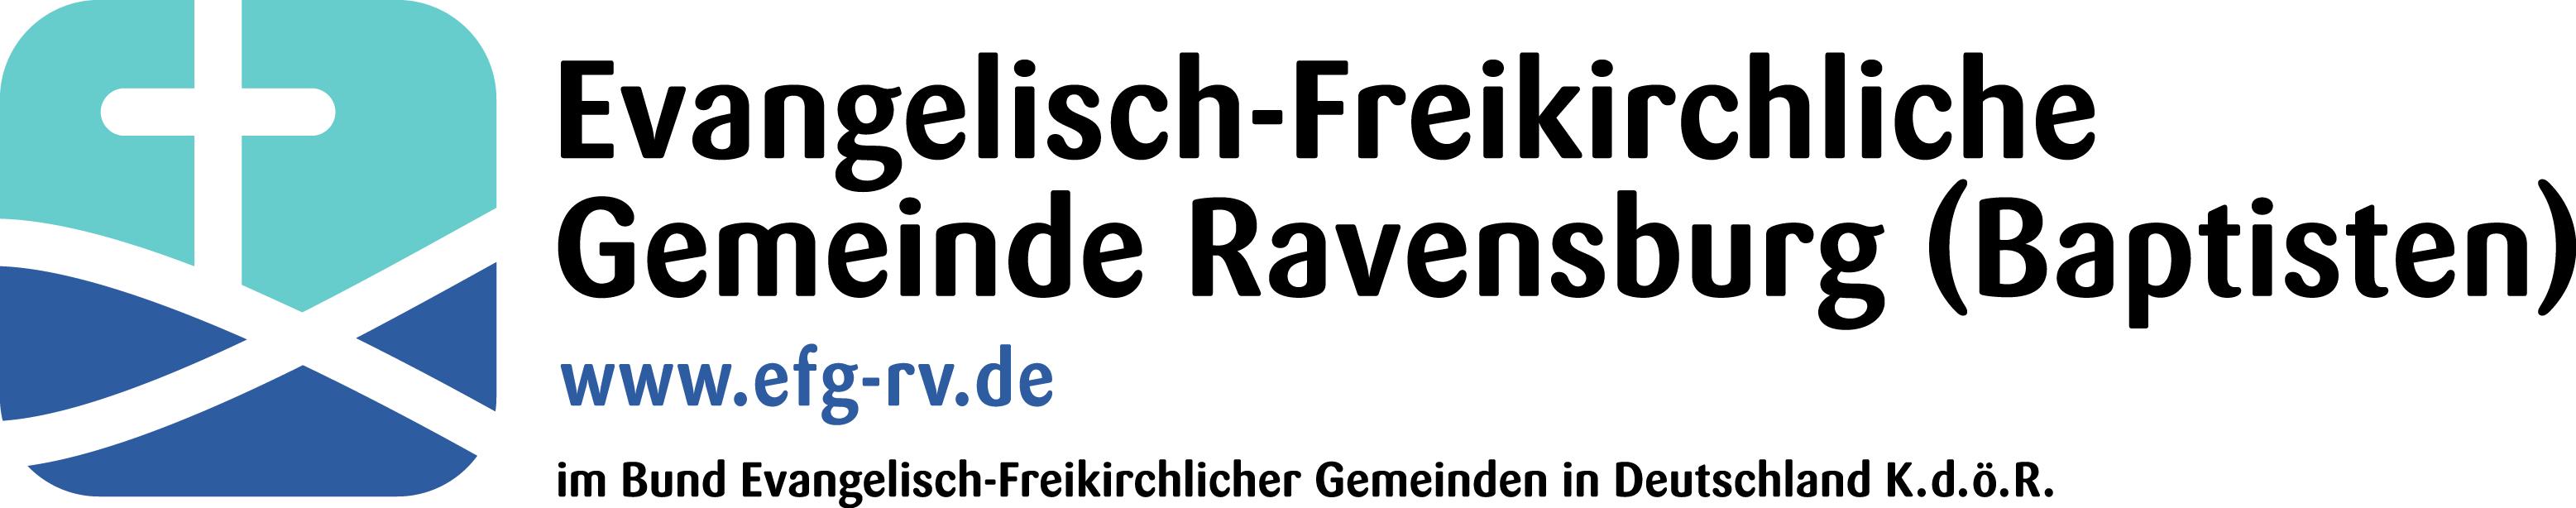 Evangelisch-freikirchliche Gemeinde Ravensburg